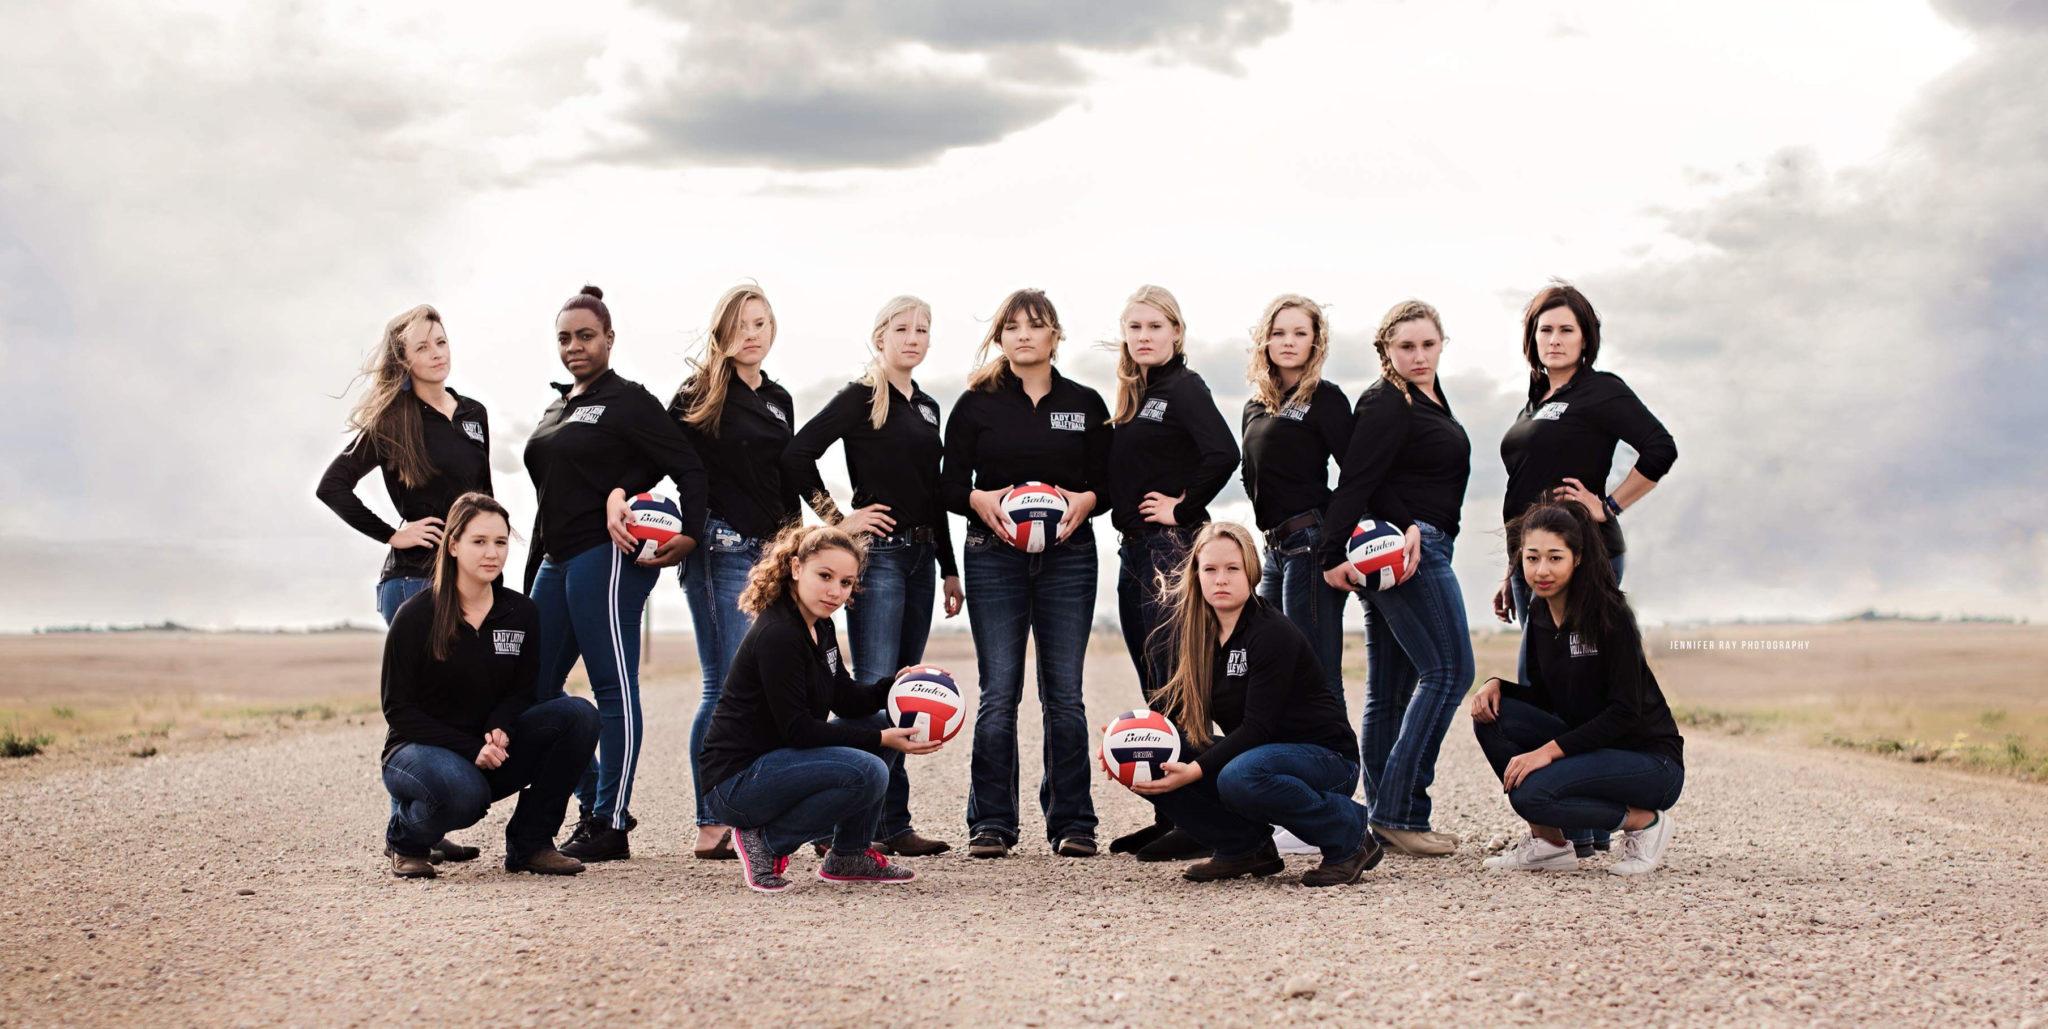 LCHS Volleyball Team